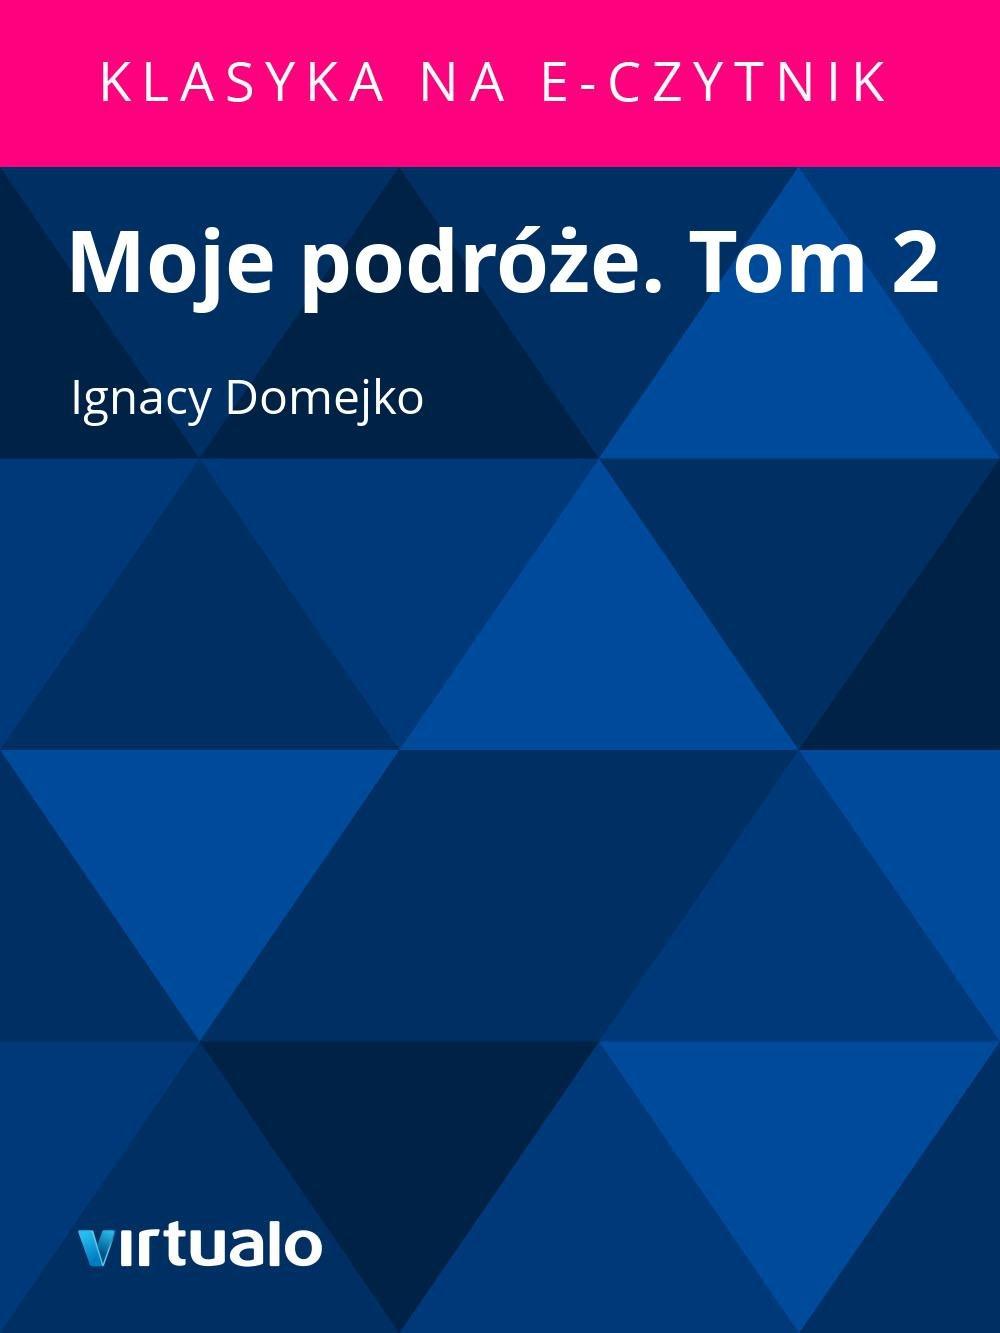 Moje podróże. Tom 2 - Ebook (Książka EPUB) do pobrania w formacie EPUB